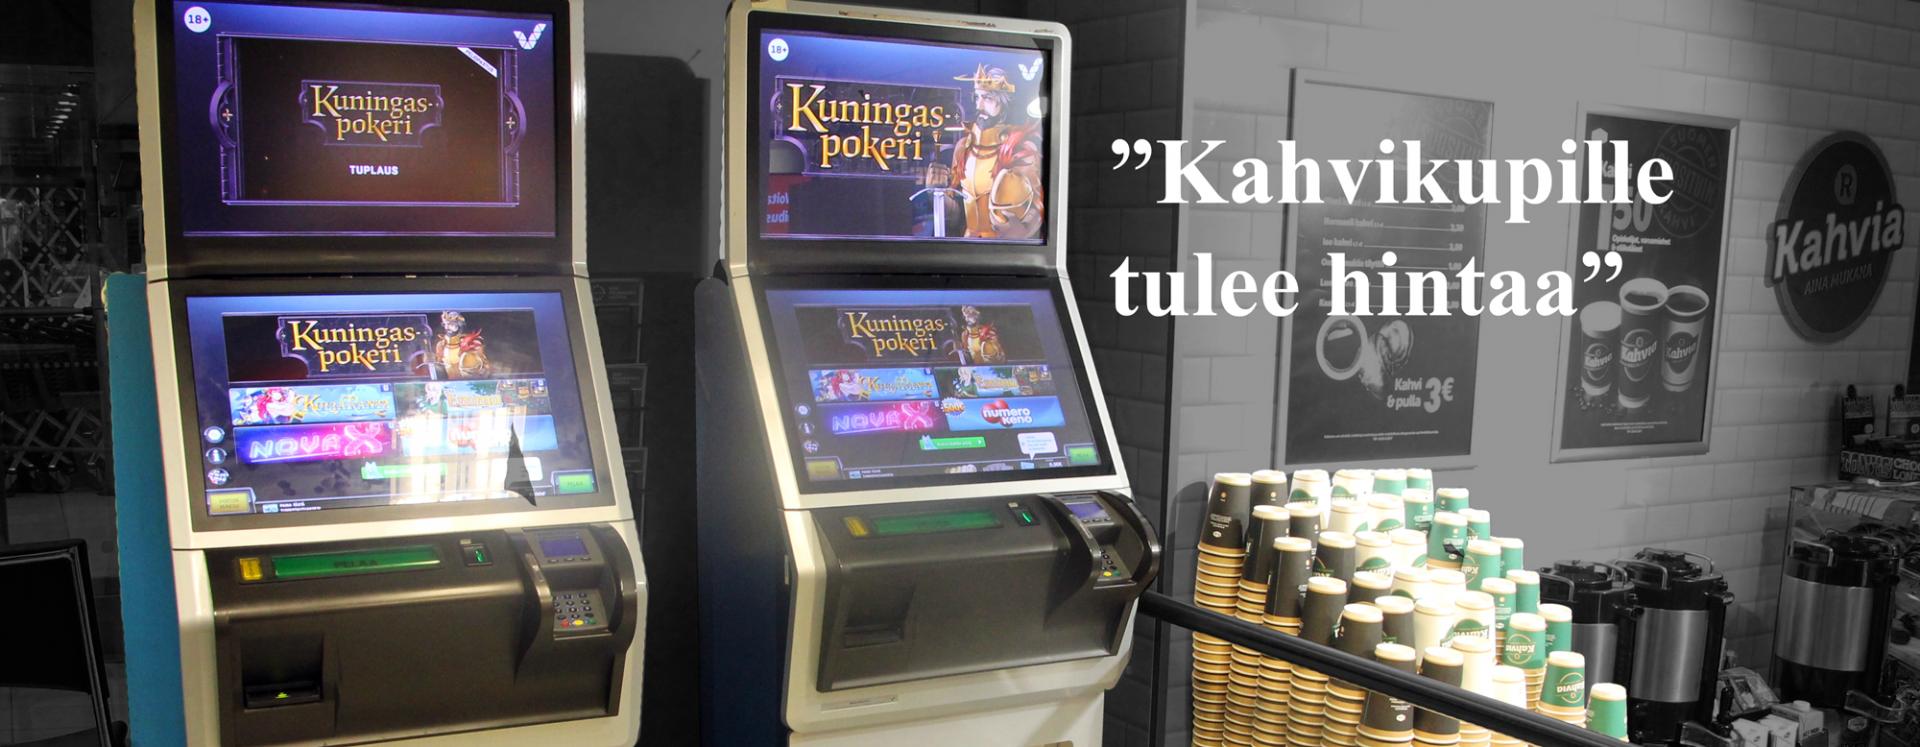 Kioskilla olevat kaksi peliautomaattia, joissa näytöllä lukee isolla Kuningaspokeri. Vieressä pino pahvisia kahvikuppeja ja isoja termareita.